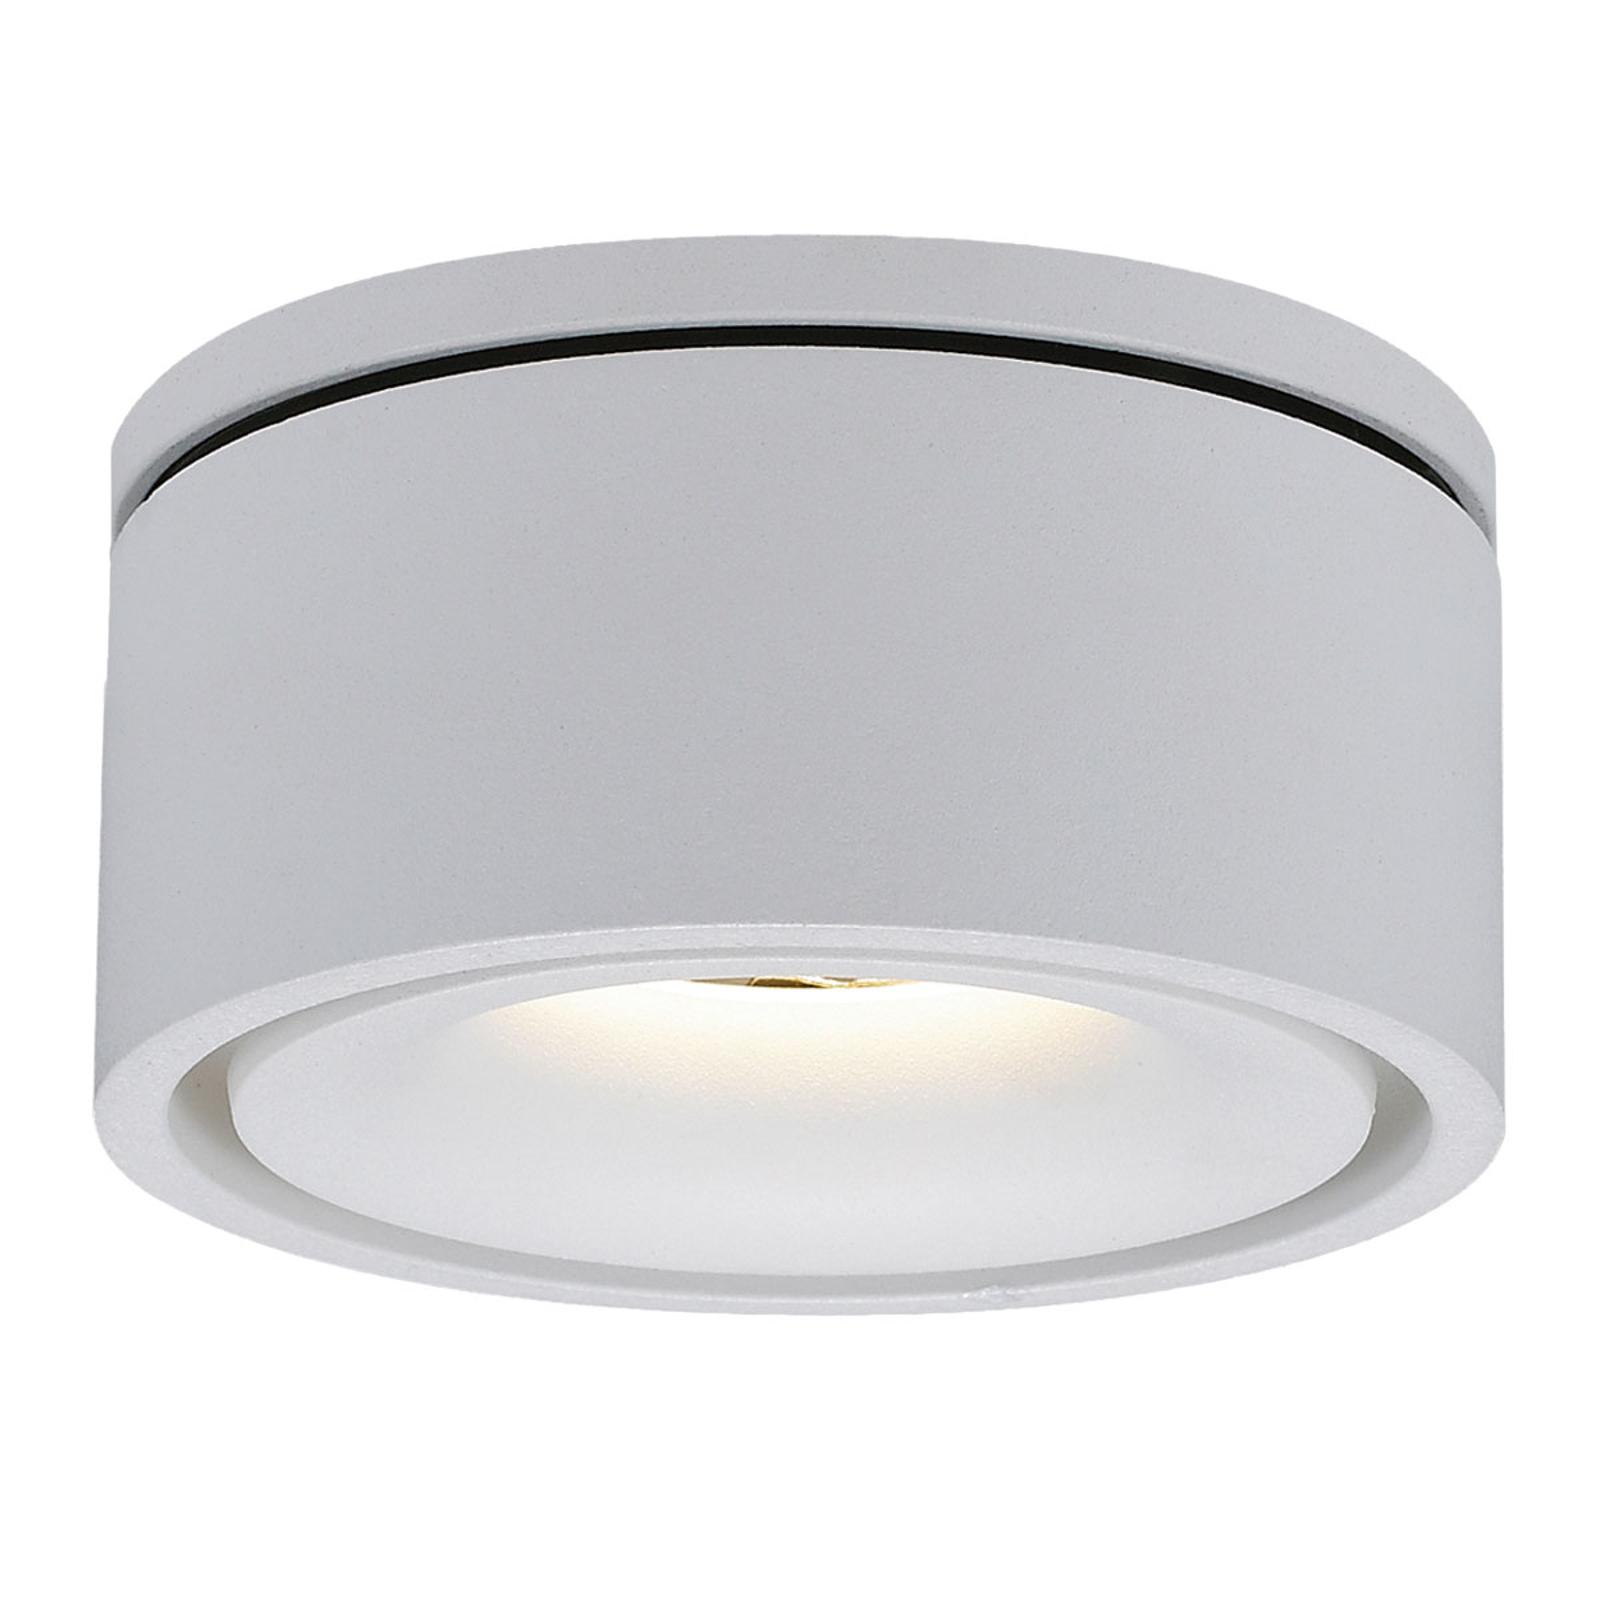 LED-downlight Tivoli-E, roter- og svingbar